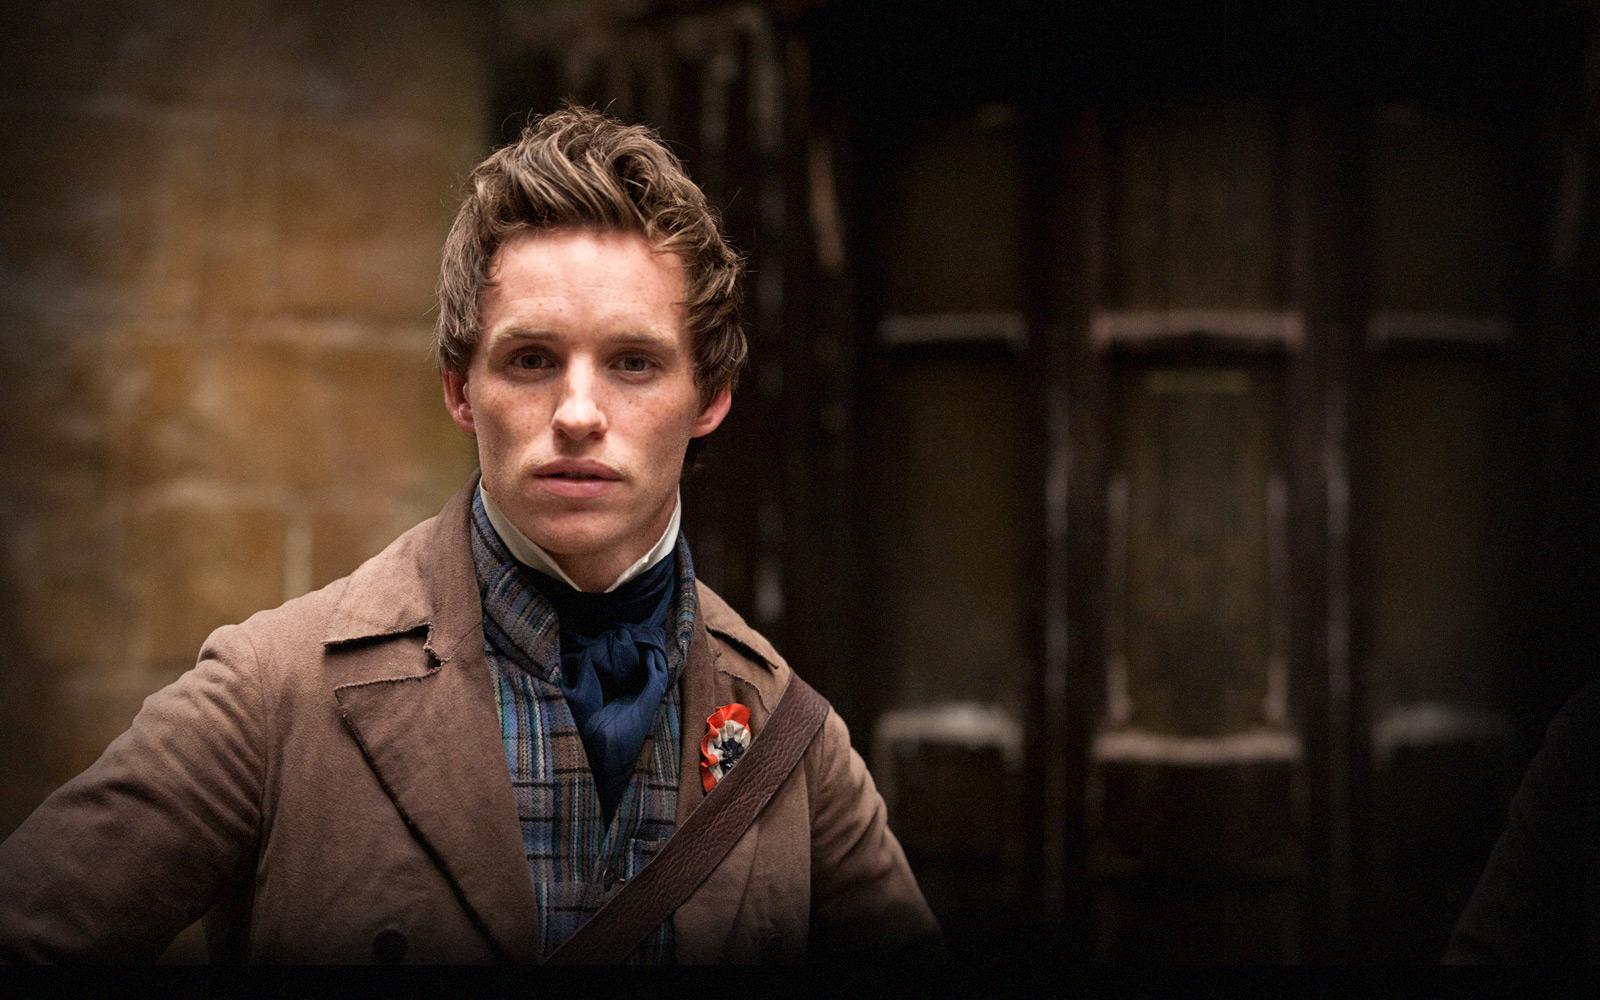 Marius Pontmercy Les Miserables Movie Marius Actor